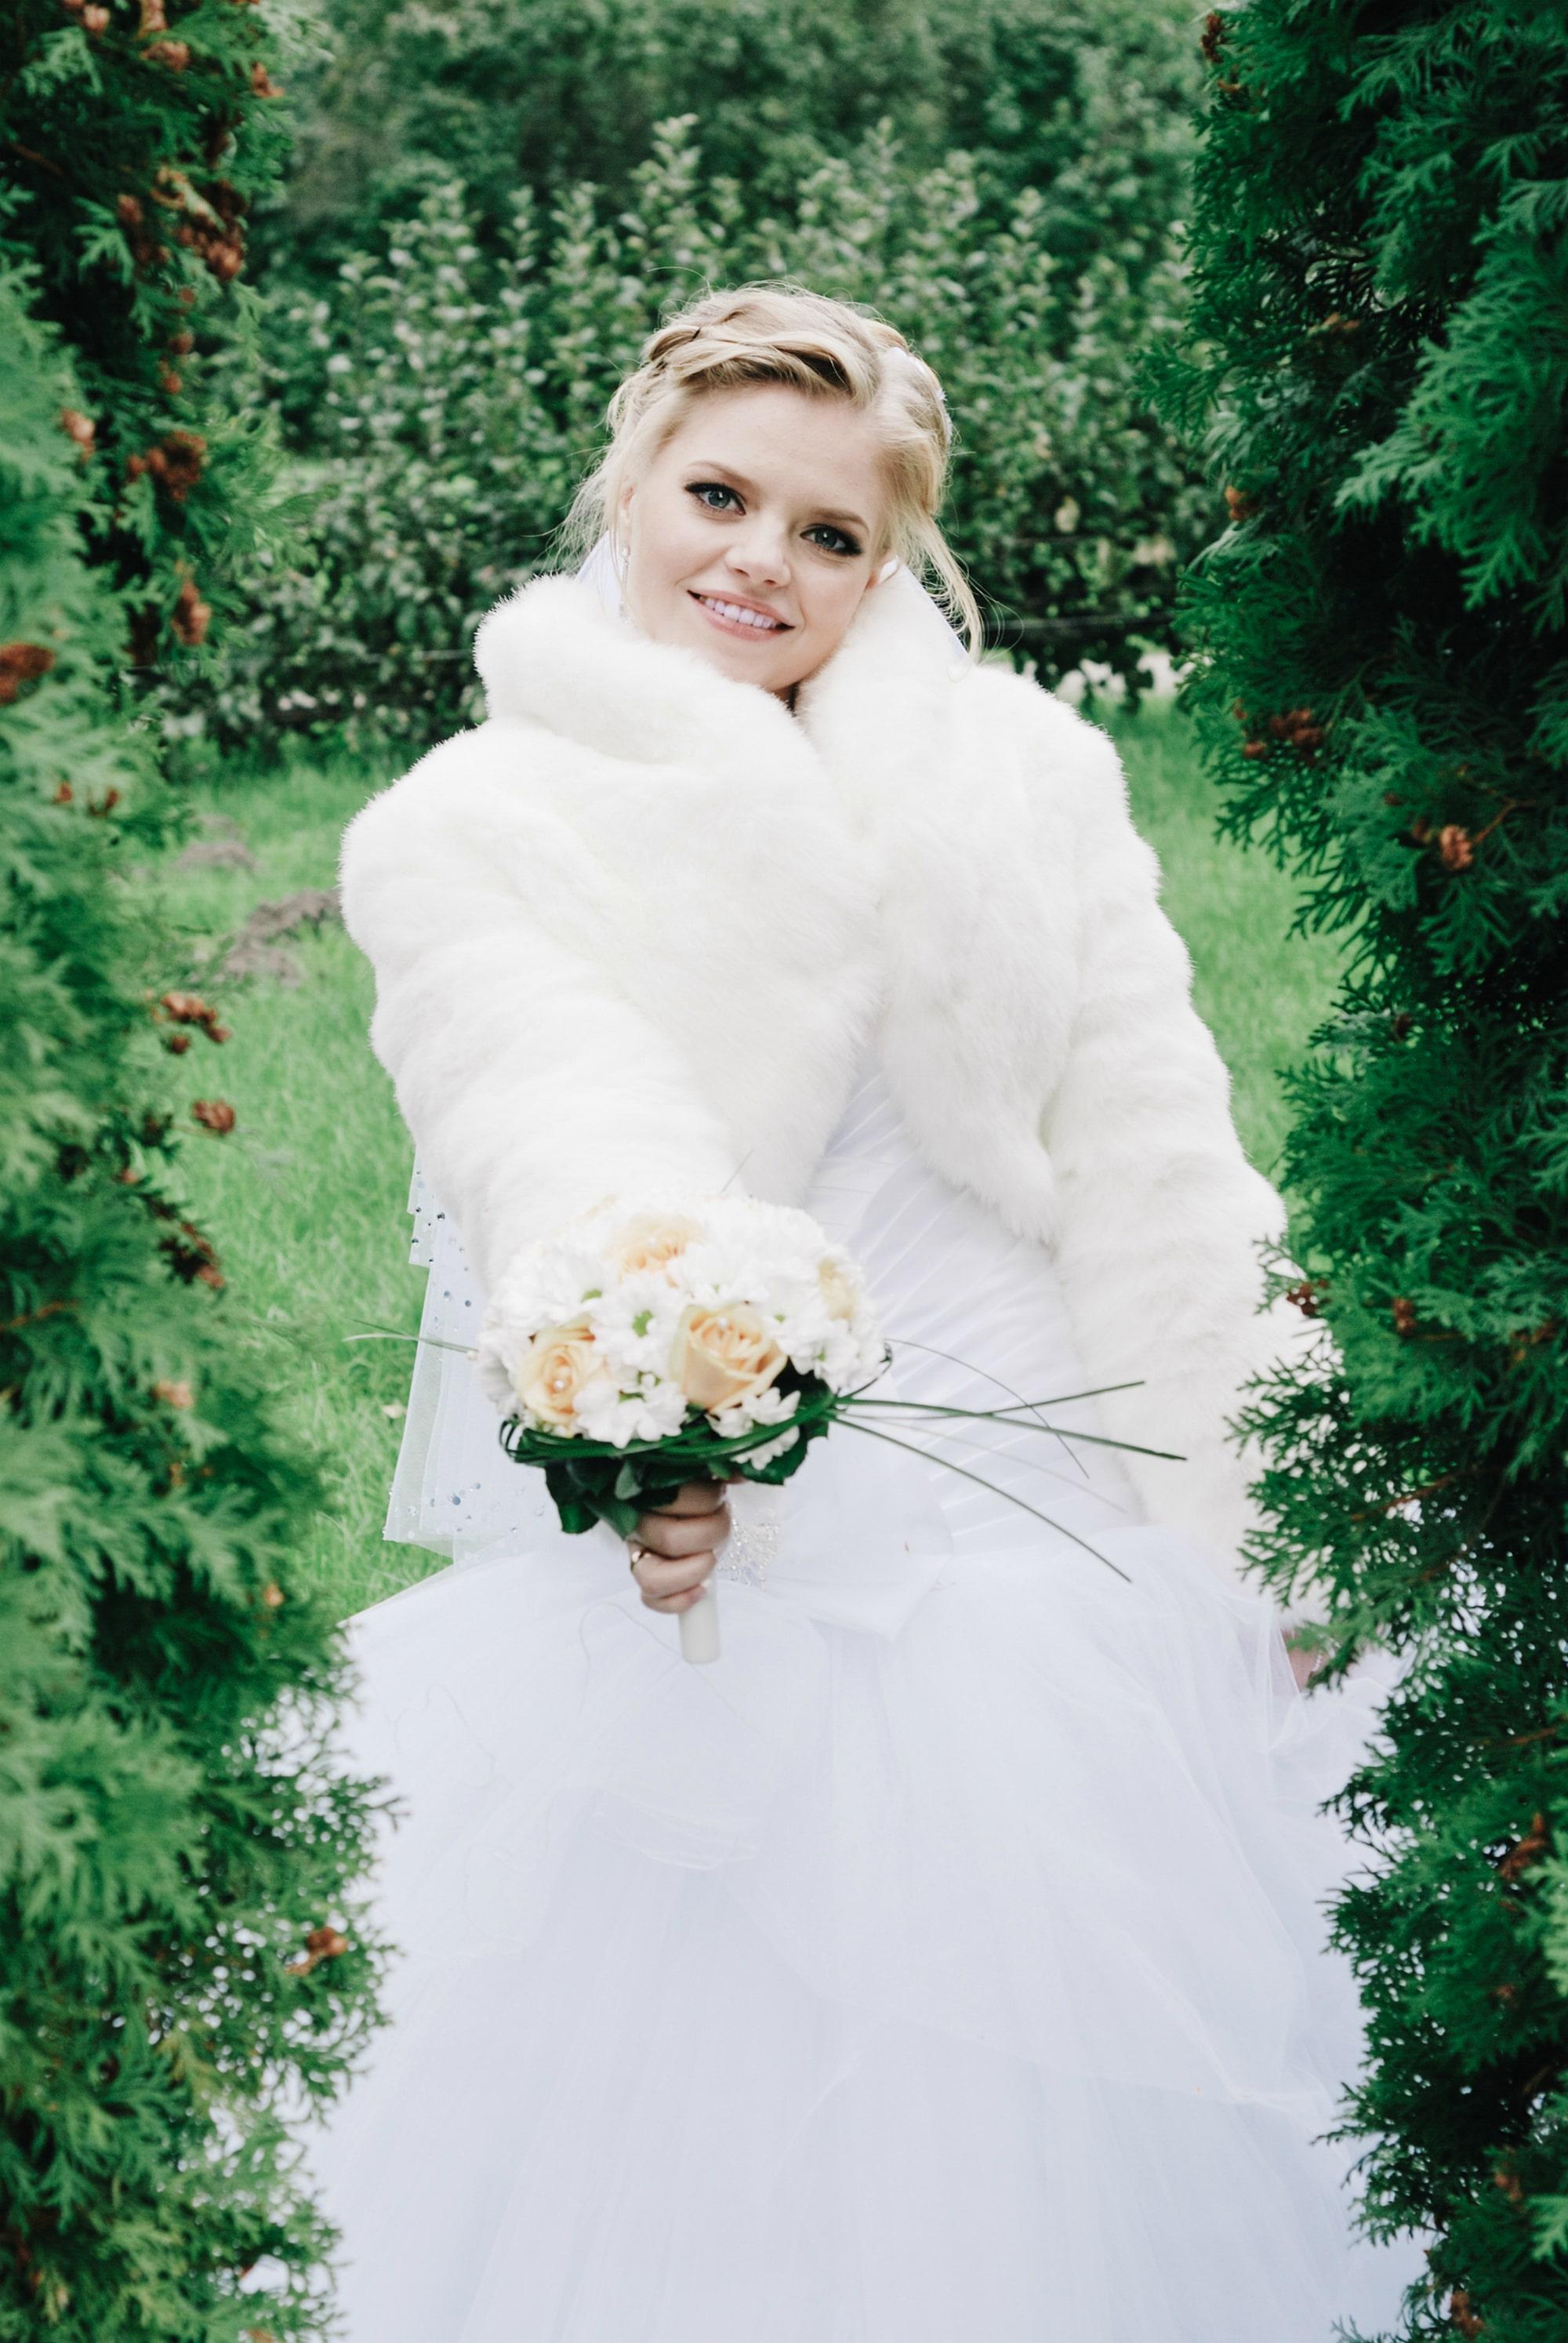 Радостная невеста с букетом - Фотограф Киев - Женя Лайт